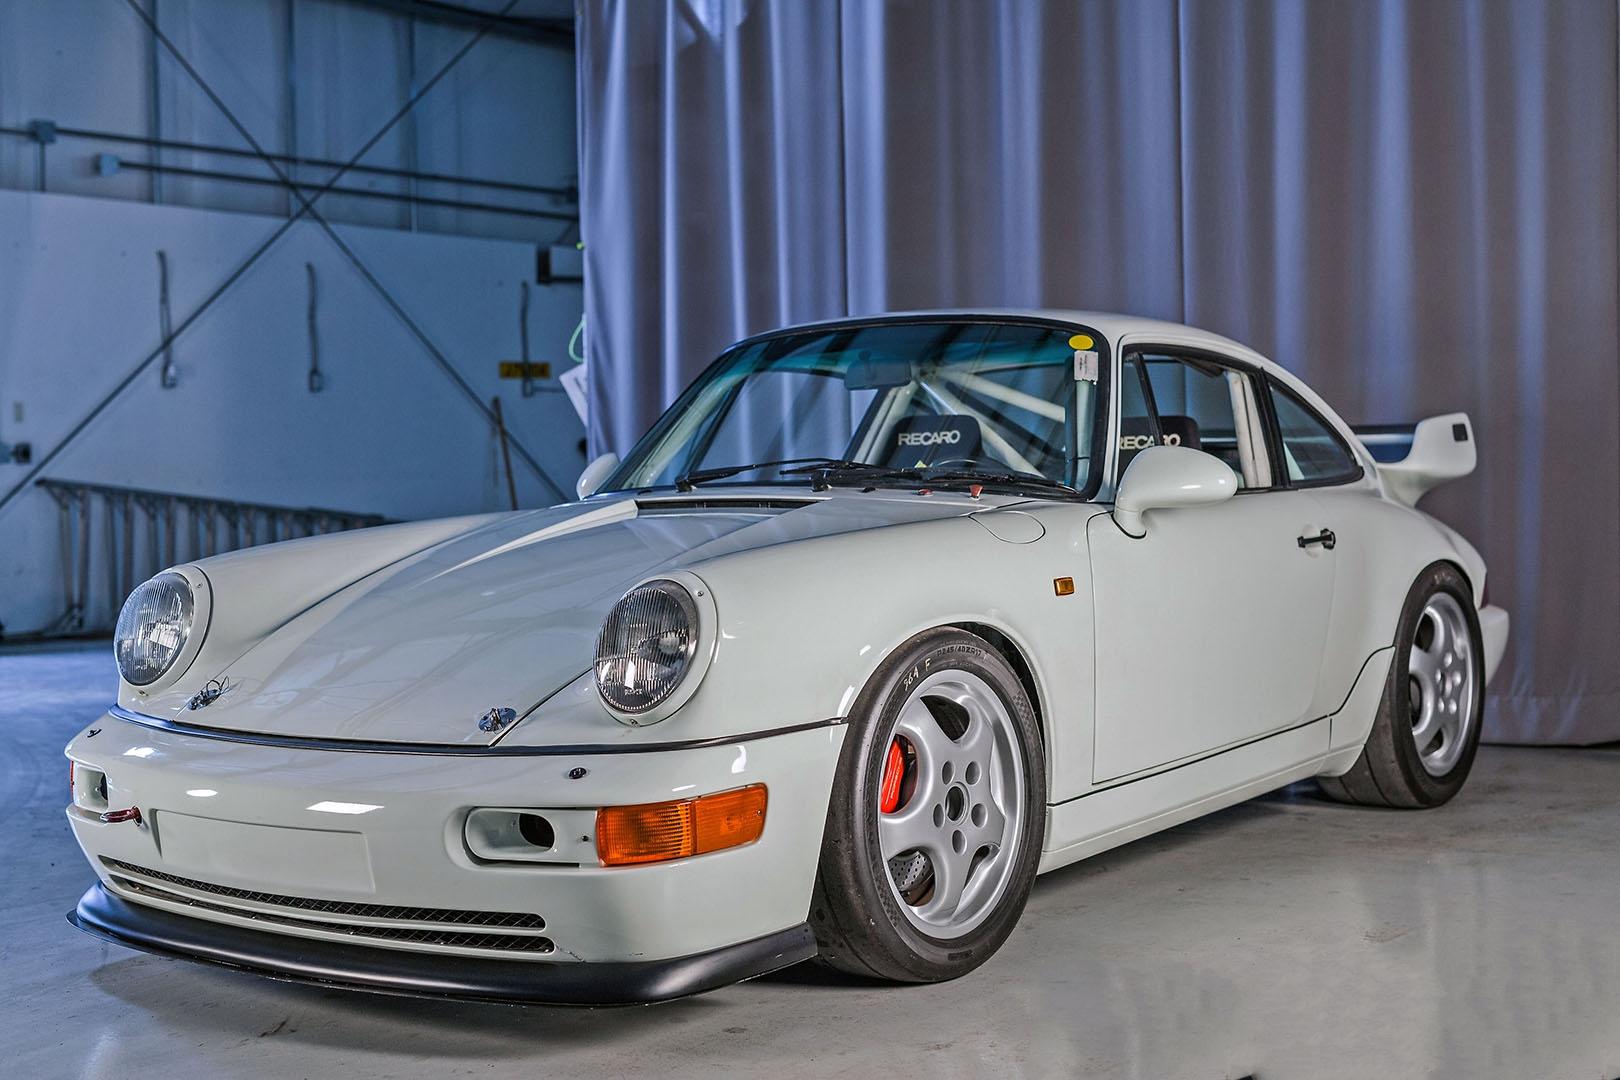 1992B_Porsche_964_RS_NGT_Race_car002.jpg